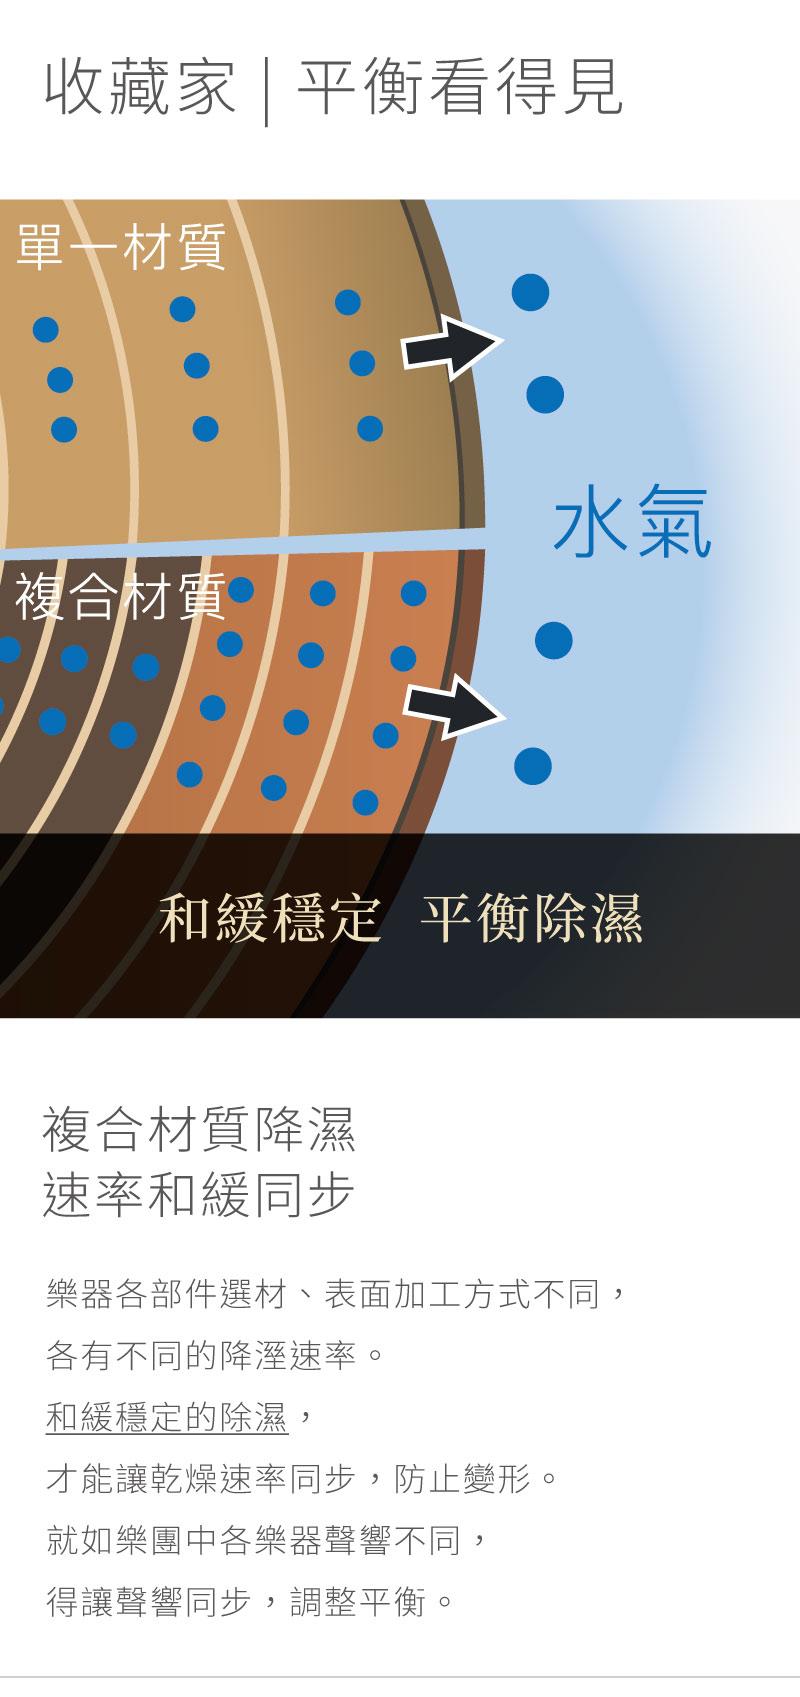 中小提琴、大提琴各部件選材、表面加工方式不同,各有不同的降溼速率。